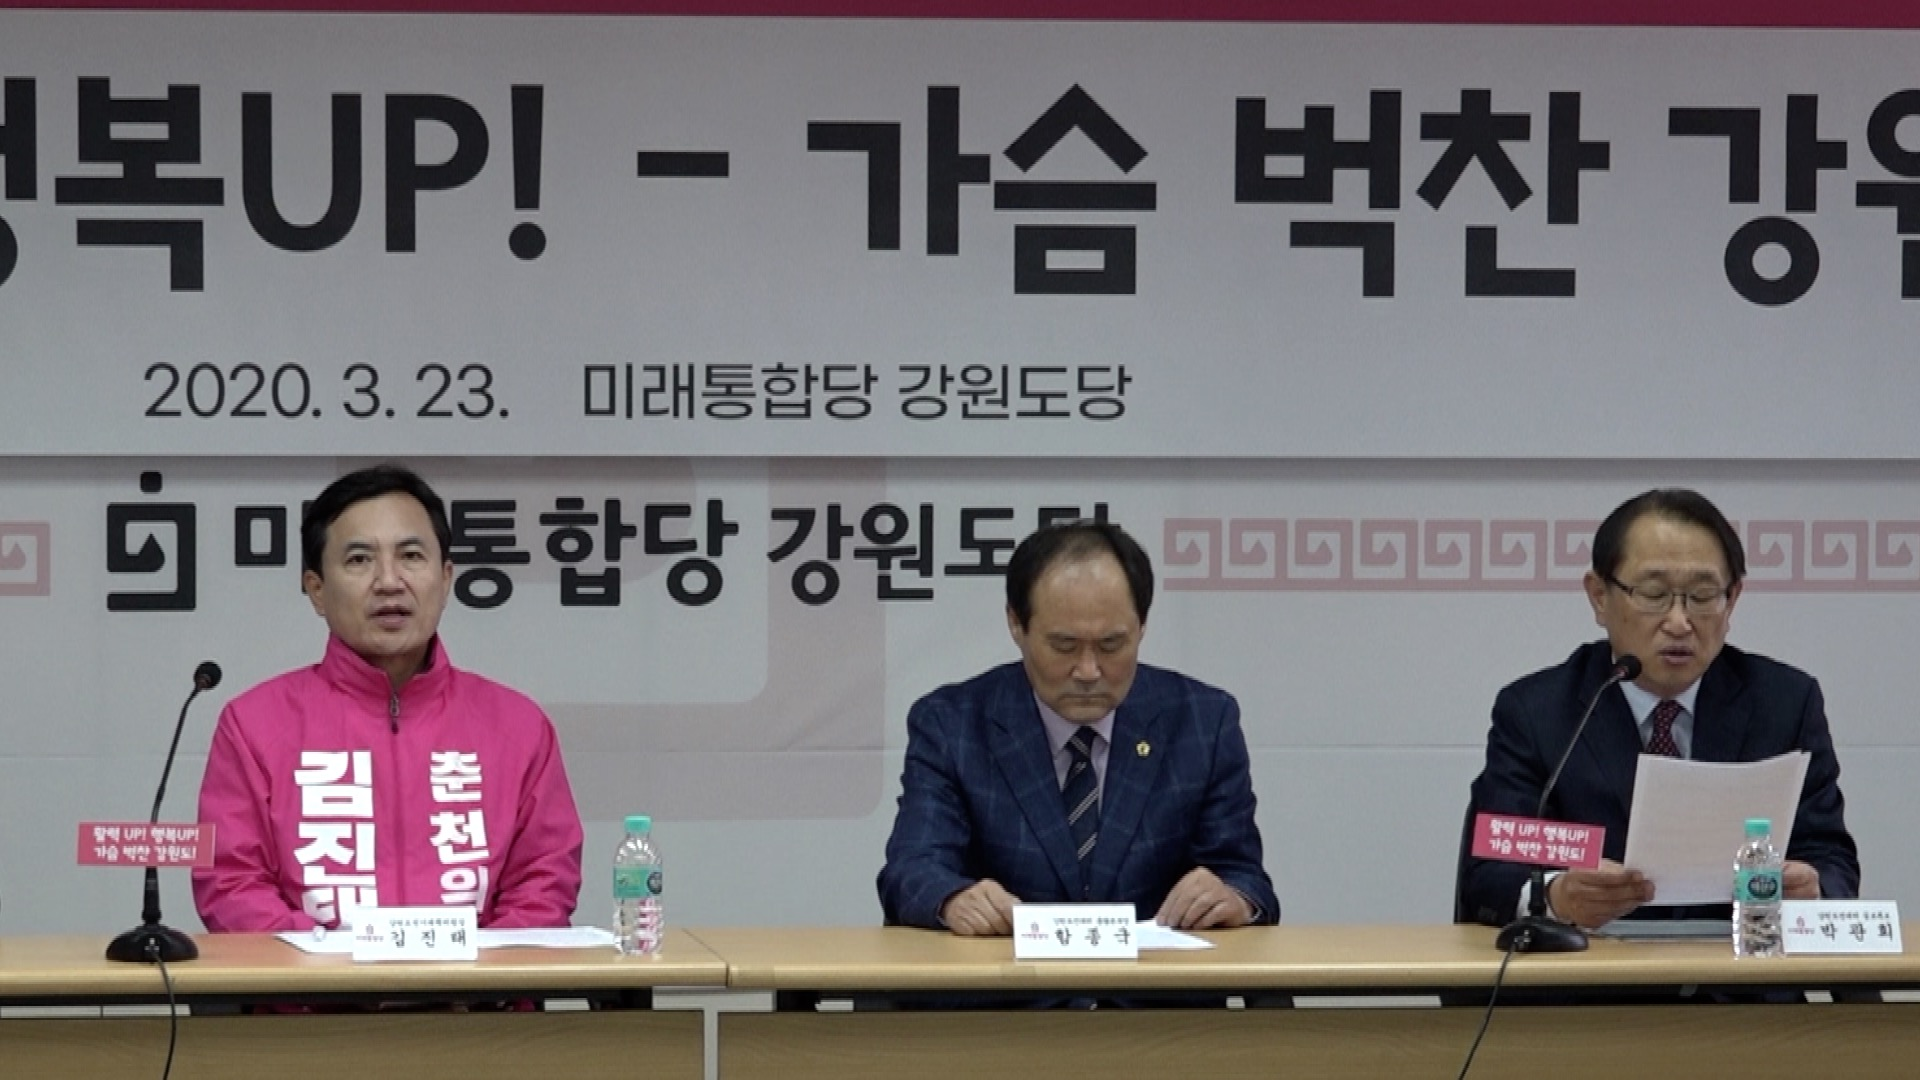 미래통합당 제21대 국회의원 선거 공약 발표 기자회견